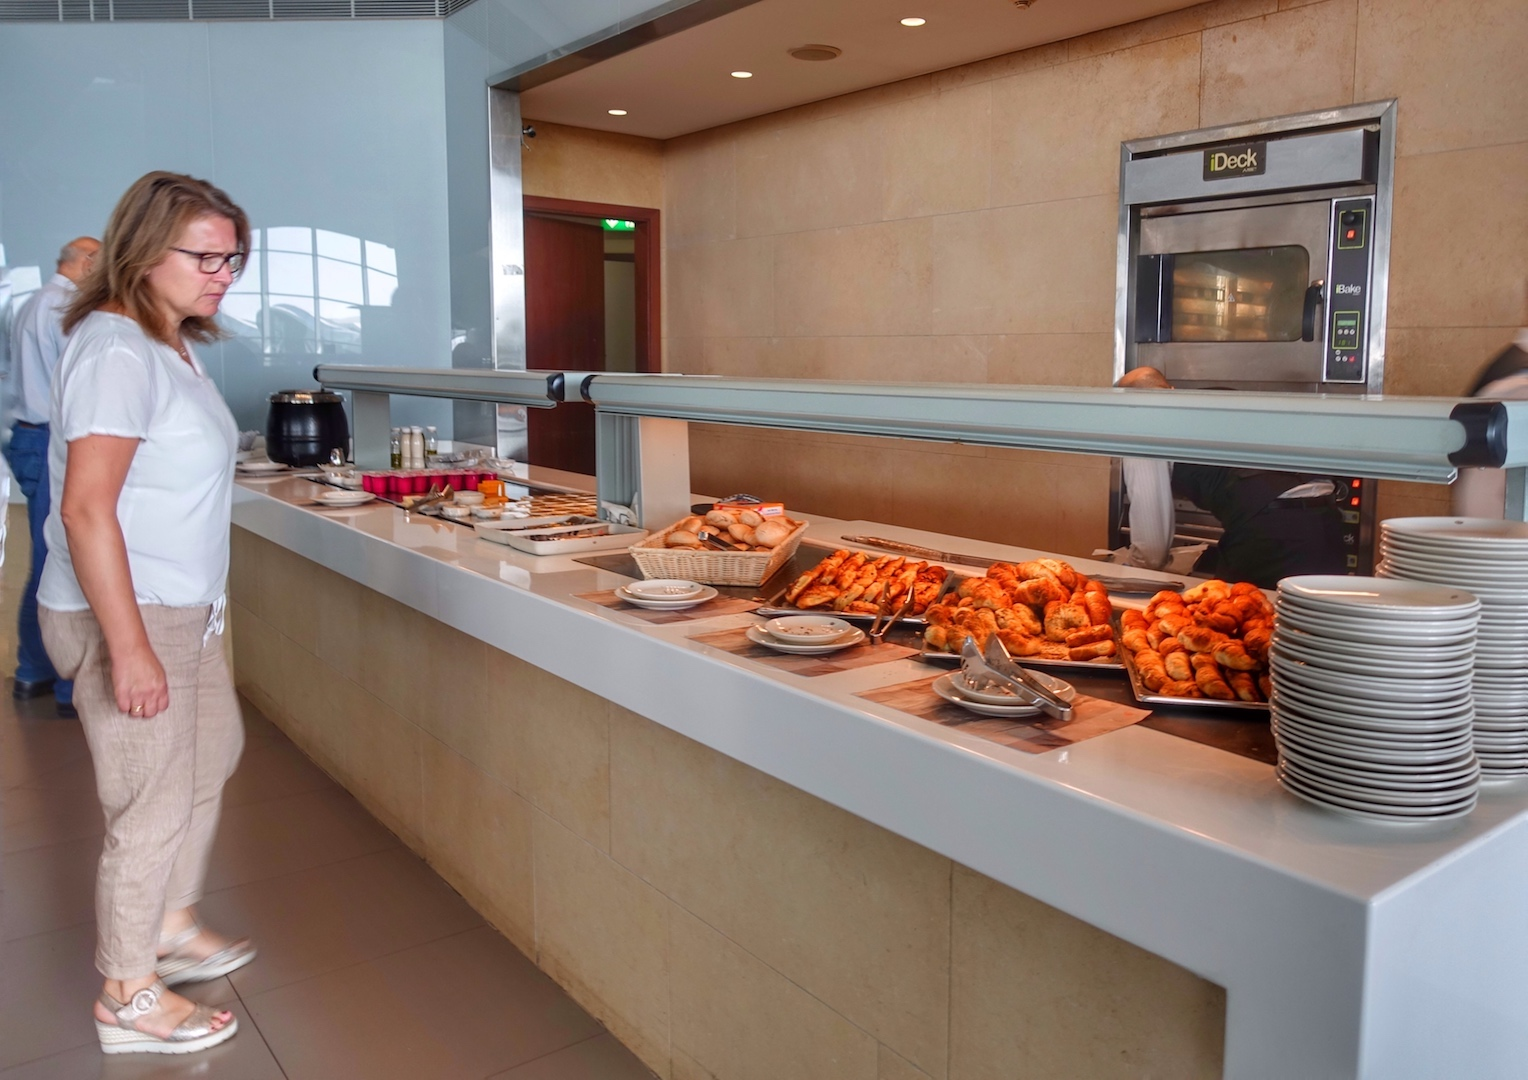 Der Loungebereich zu rechten offeriert eine Vielzahl an regionaltypischen Speisen